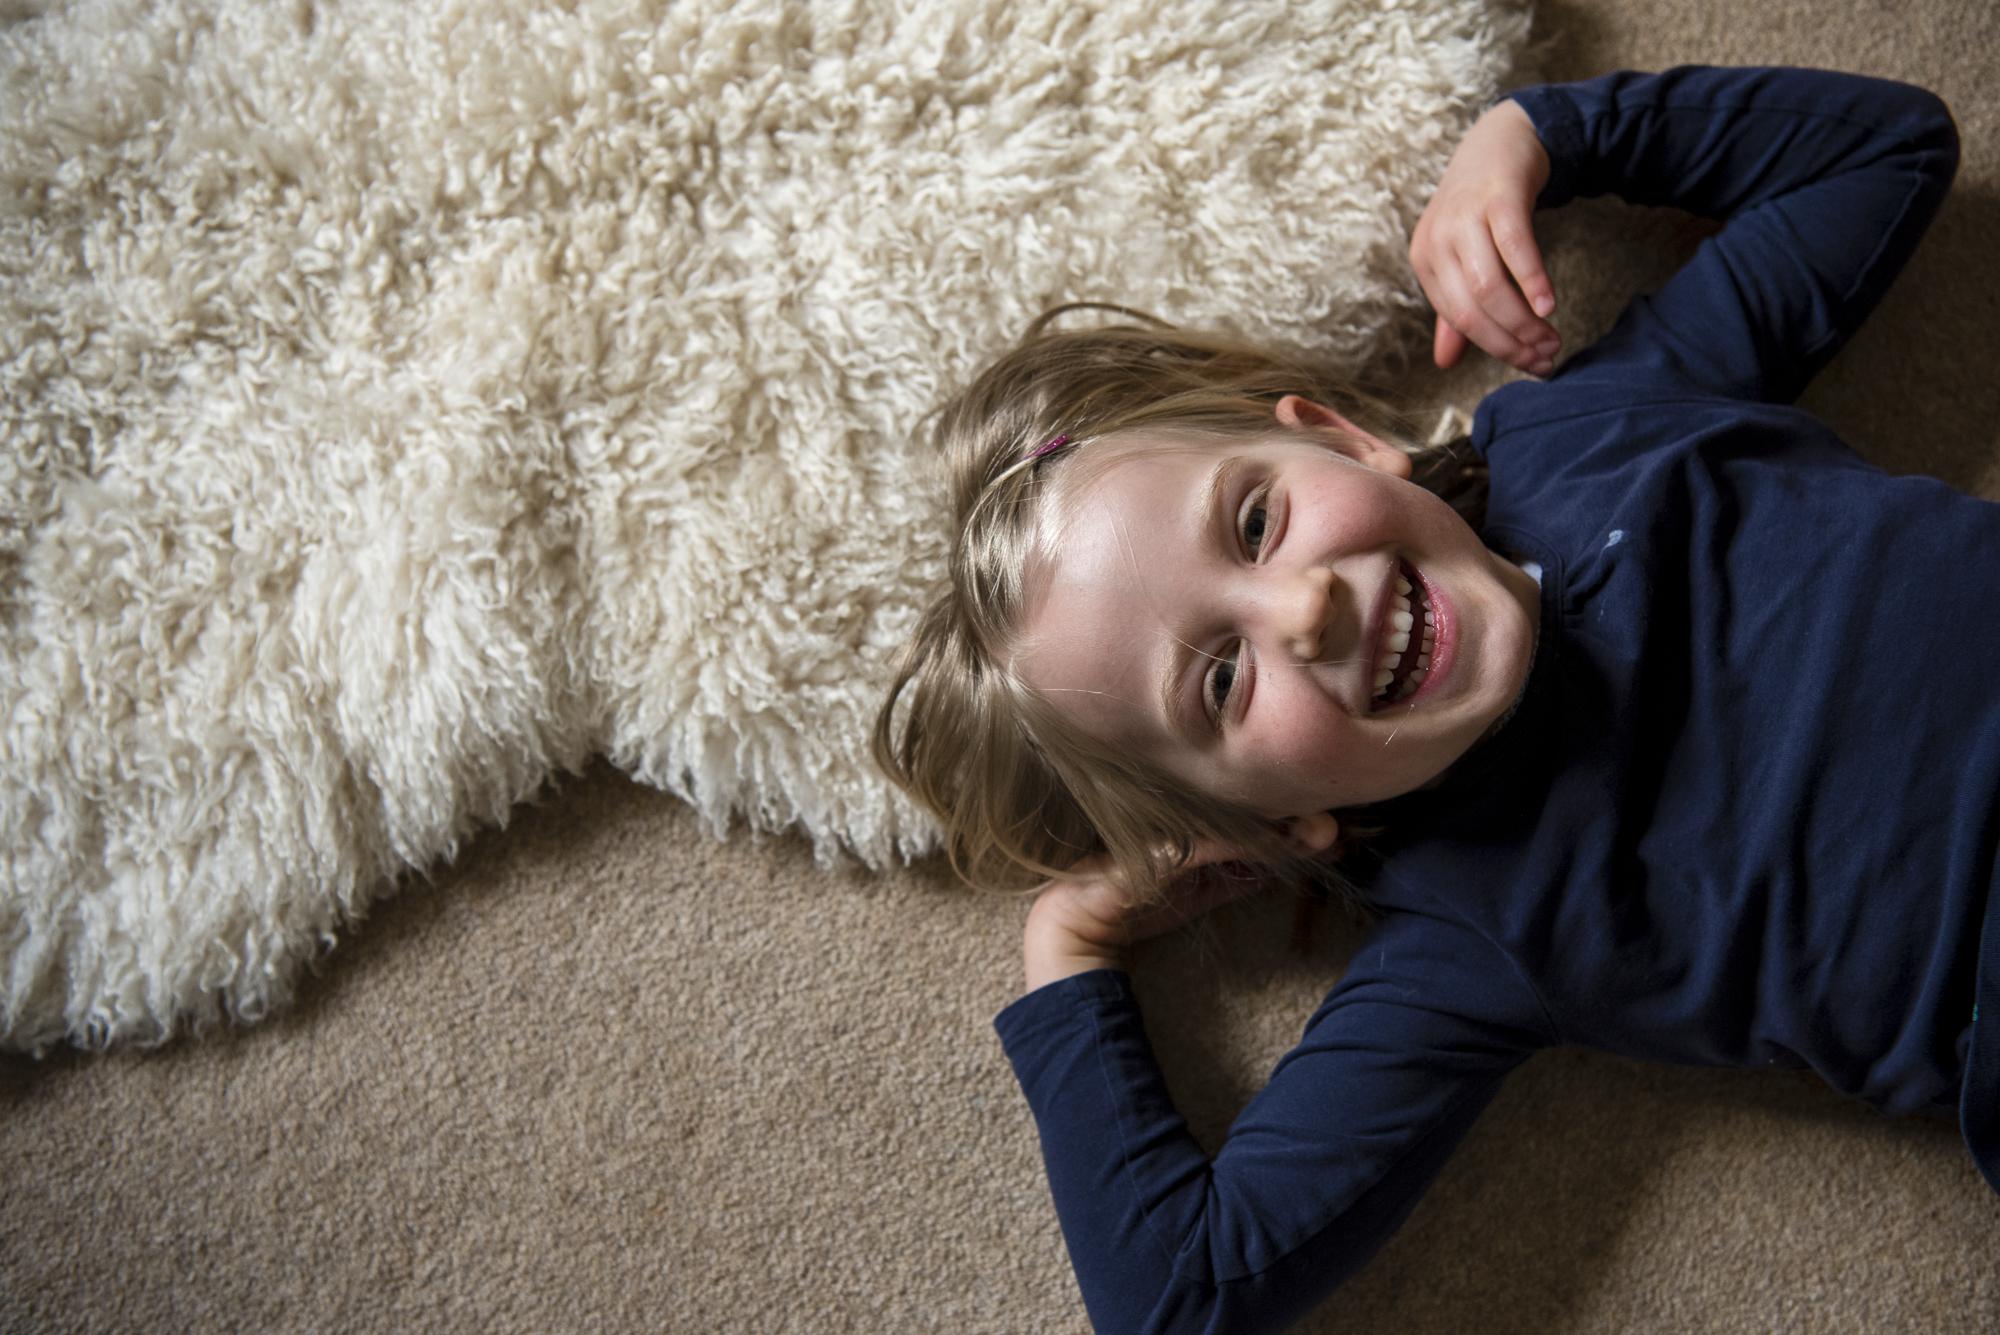 sally-hornung-photography-client-girl-on-rug.jpg